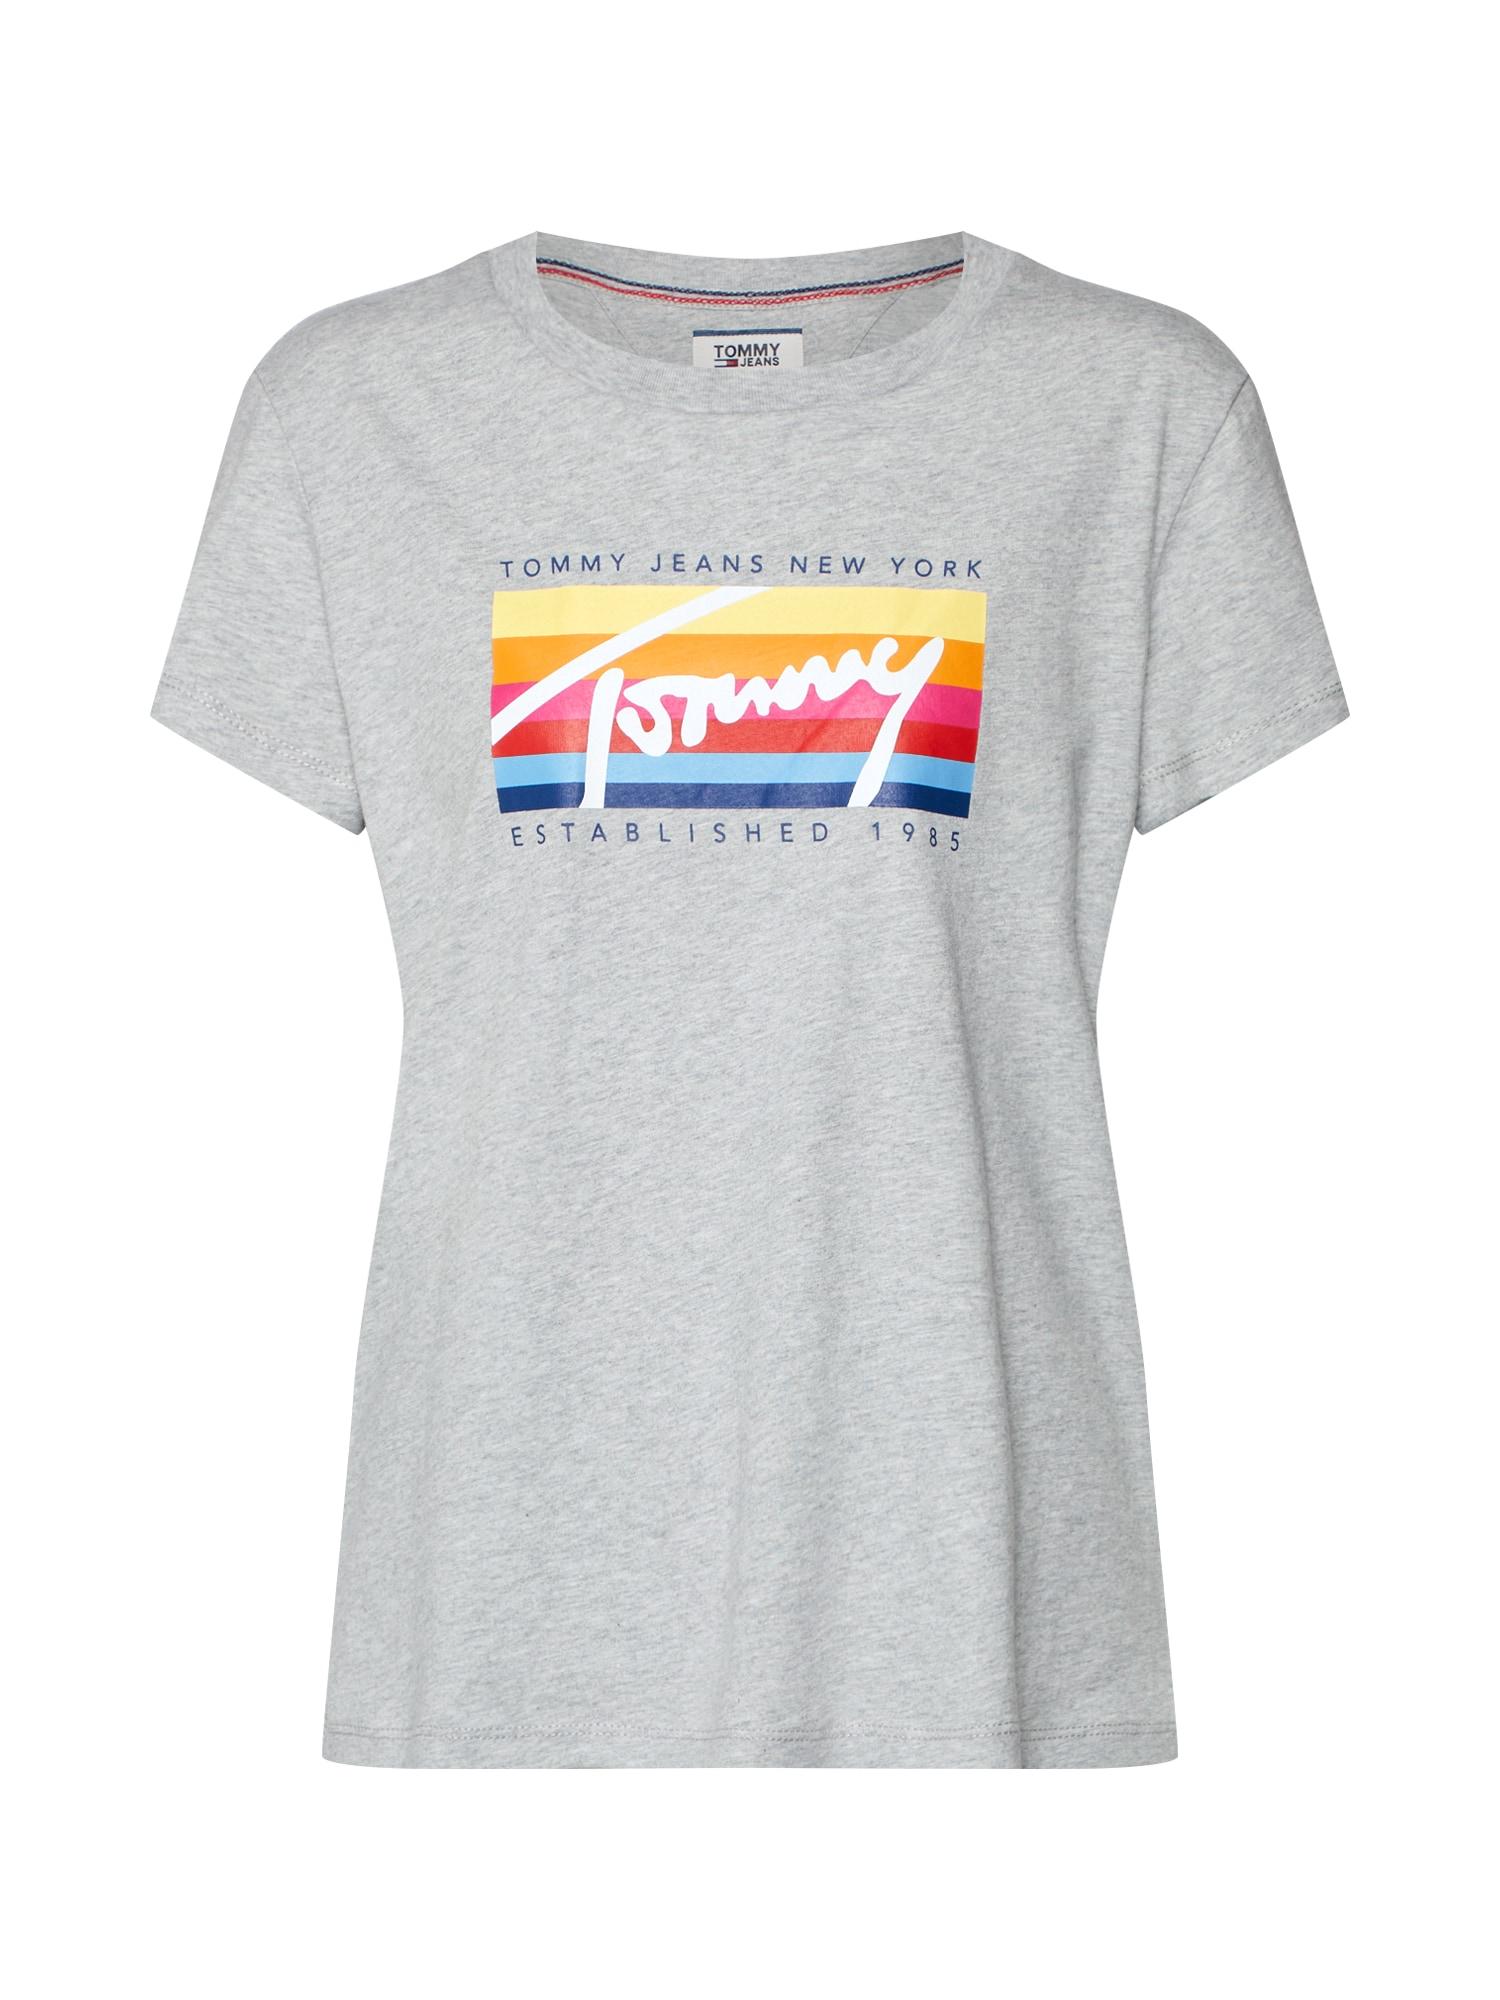 Tričko TJW MULTI BOX SIGNATURE TEE šedý melír Tommy Jeans